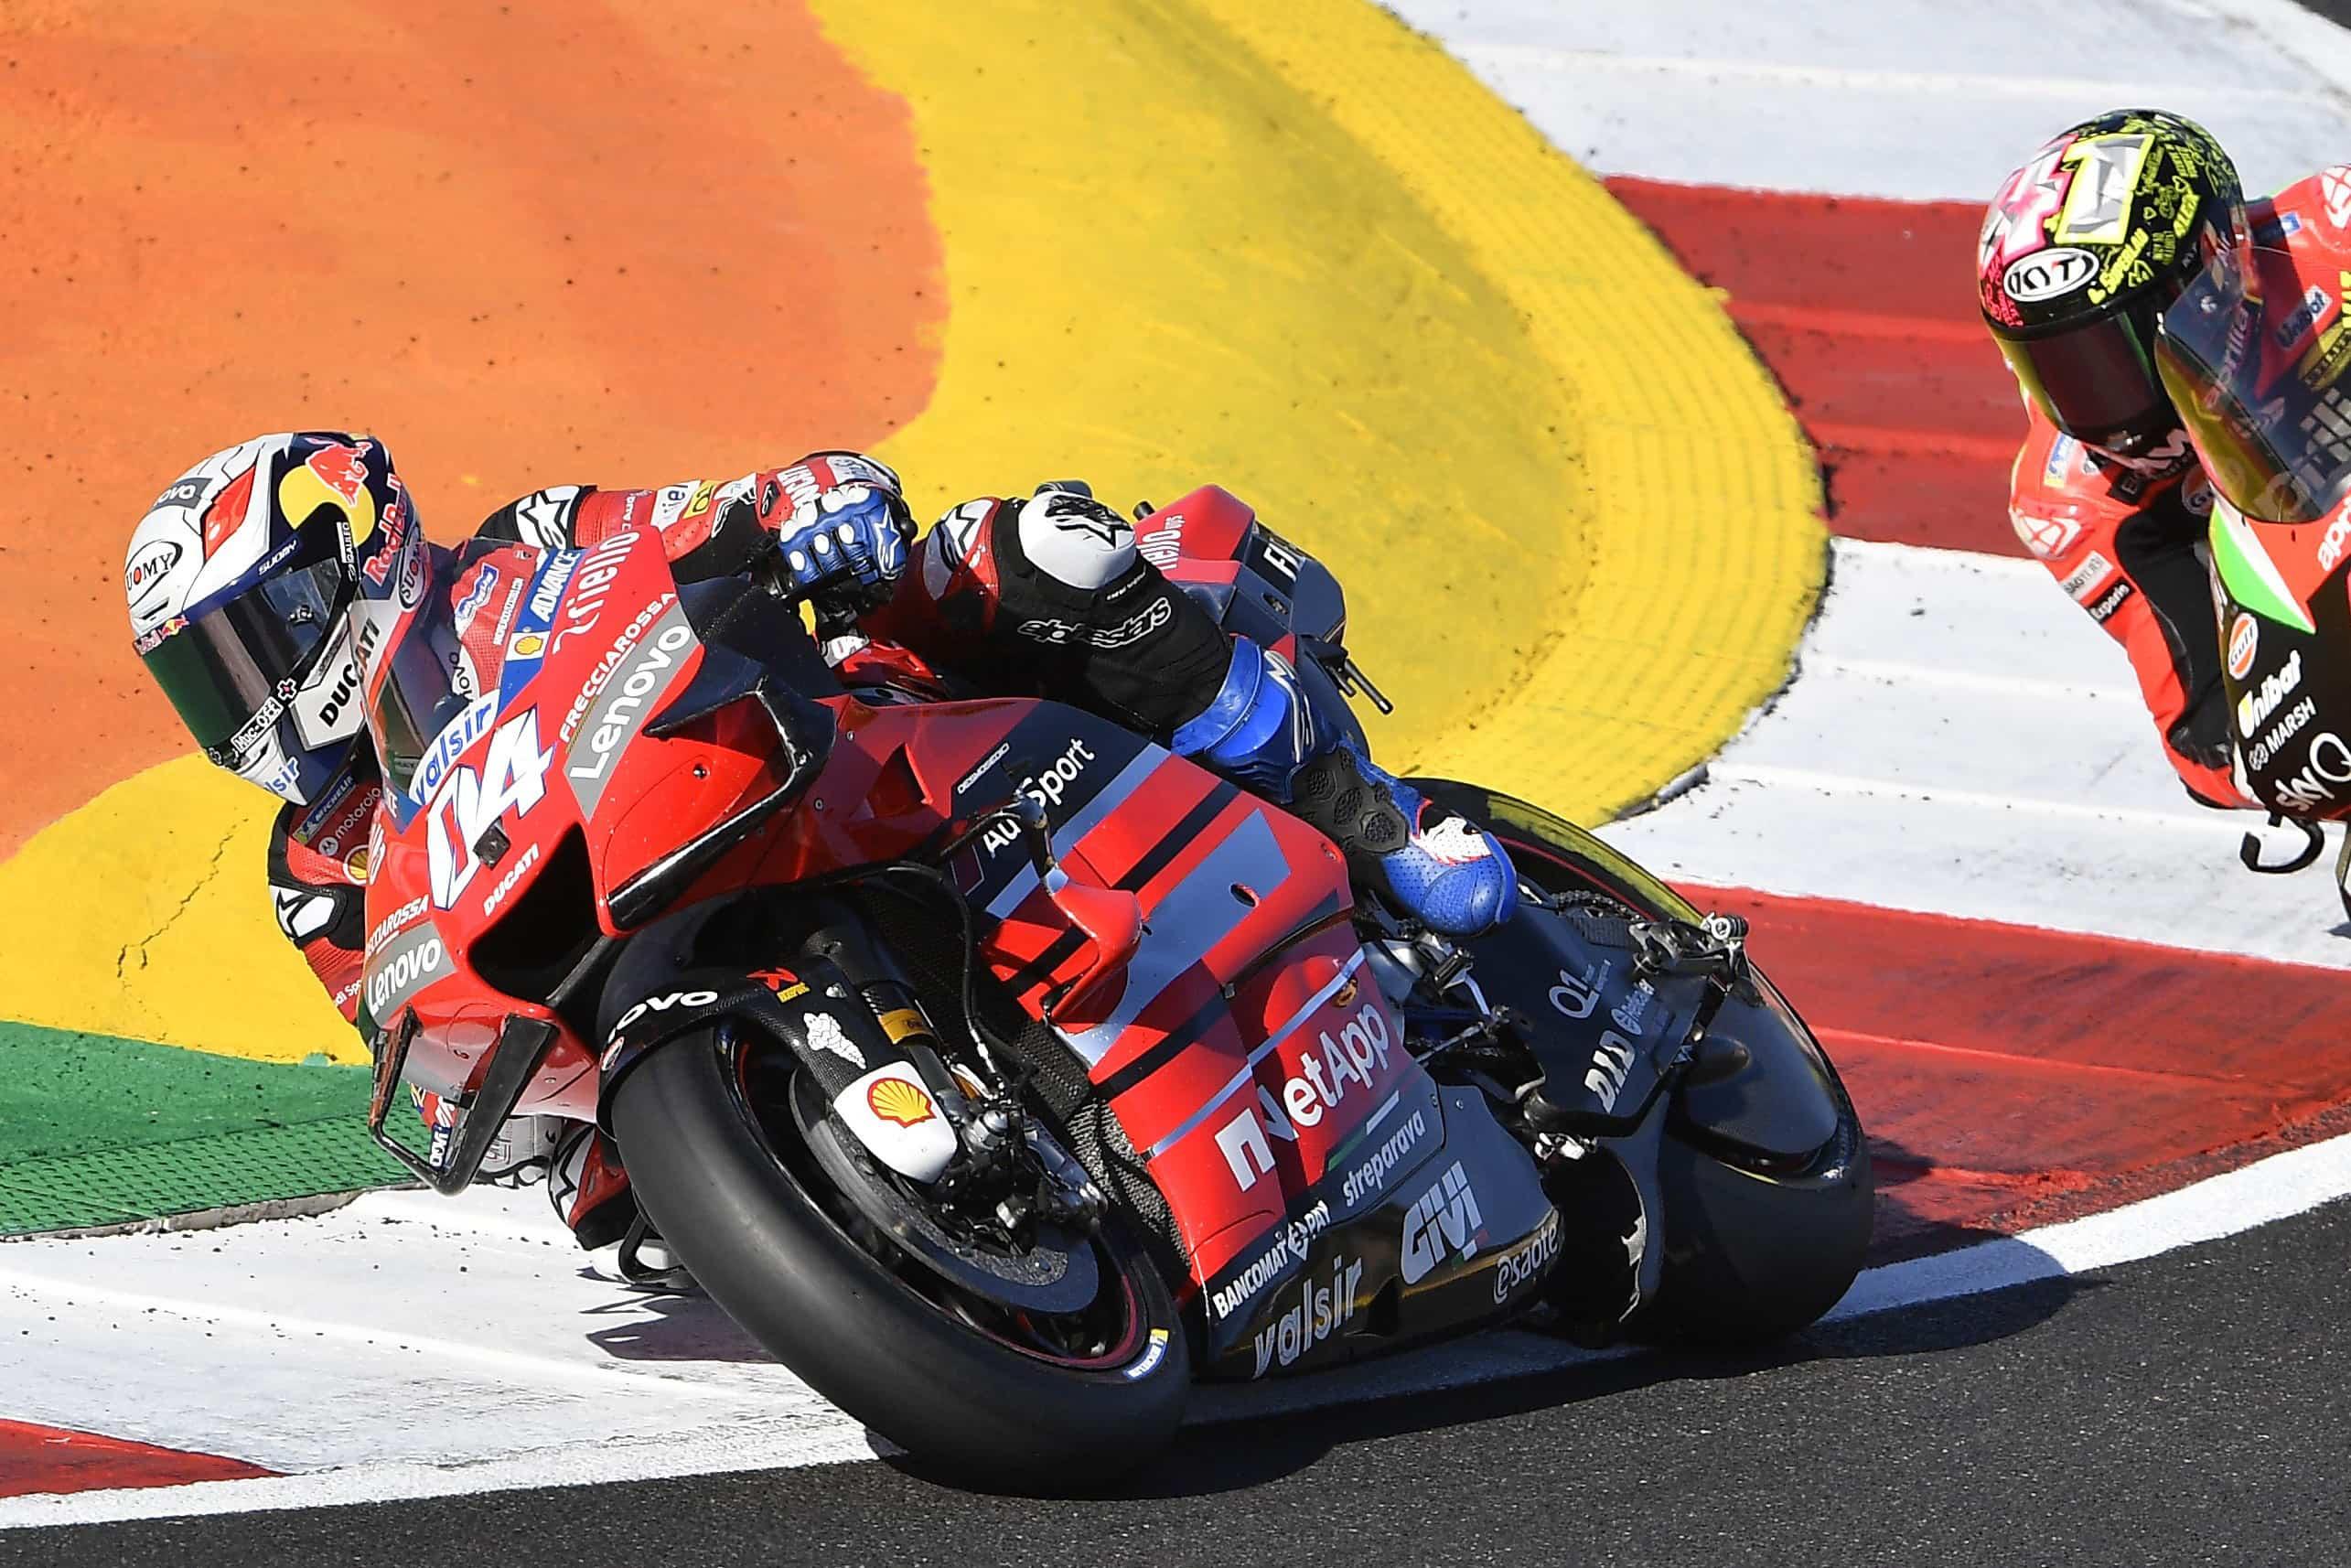 ポルトガルGP 6位アンドレア・ドヴィツィオーゾ「Ducatiと素晴らしい結果を残すことが出来た」